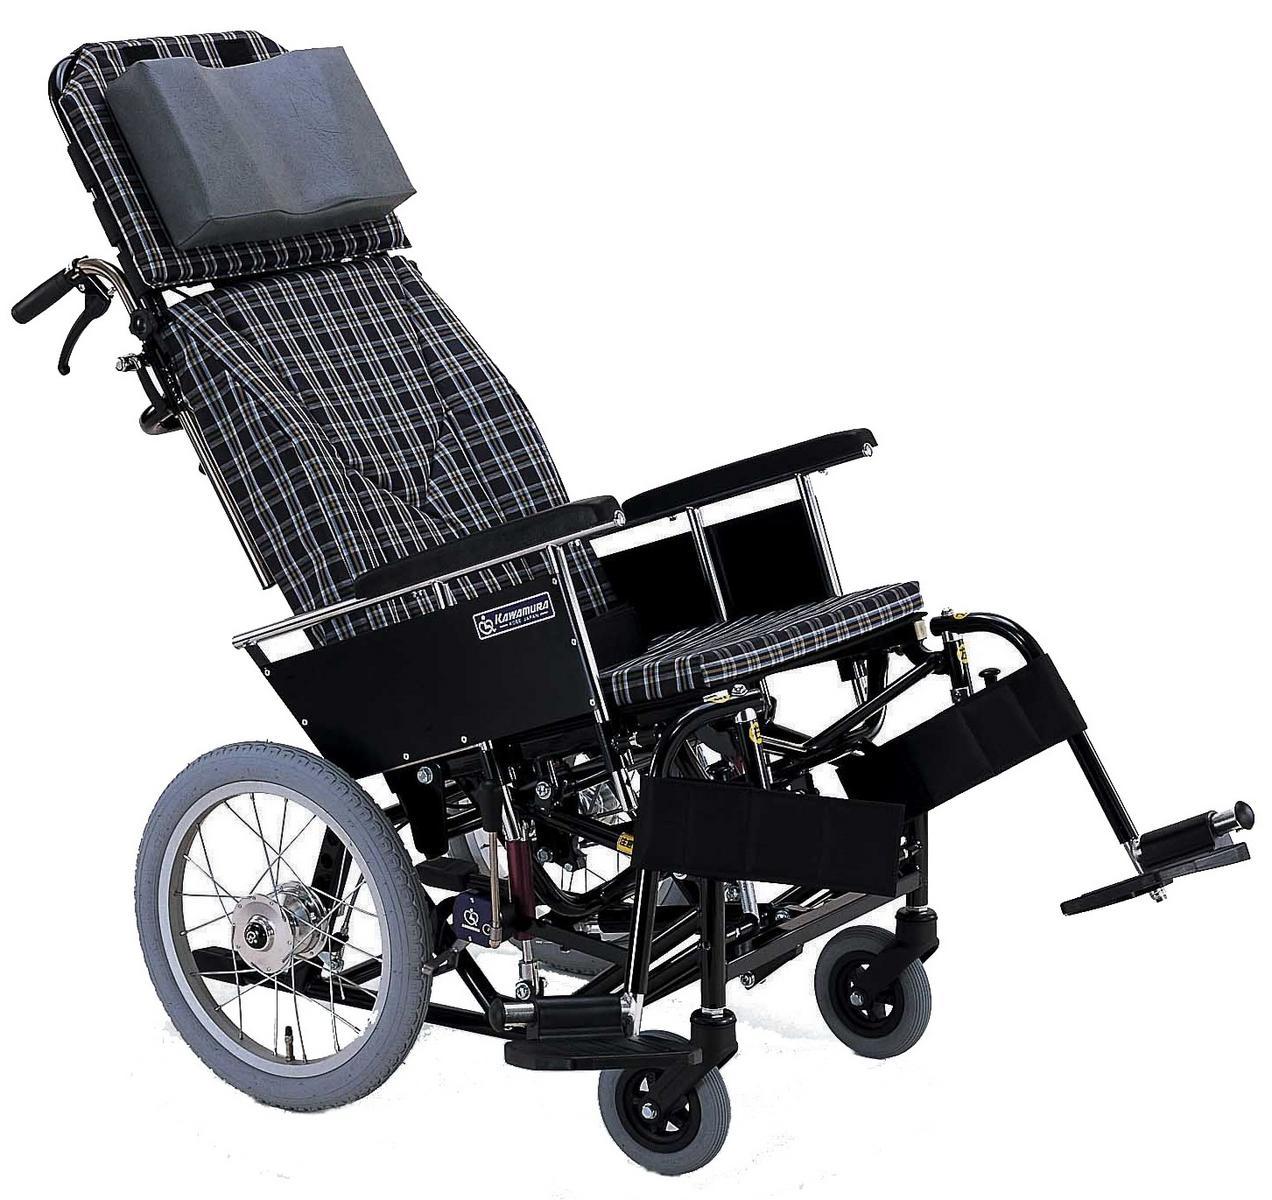 ティルト&リクライニング車椅子(車いす) カワムラサイクル製 KX16-42N【メーカー正規保証付き/条件付き送料無料】